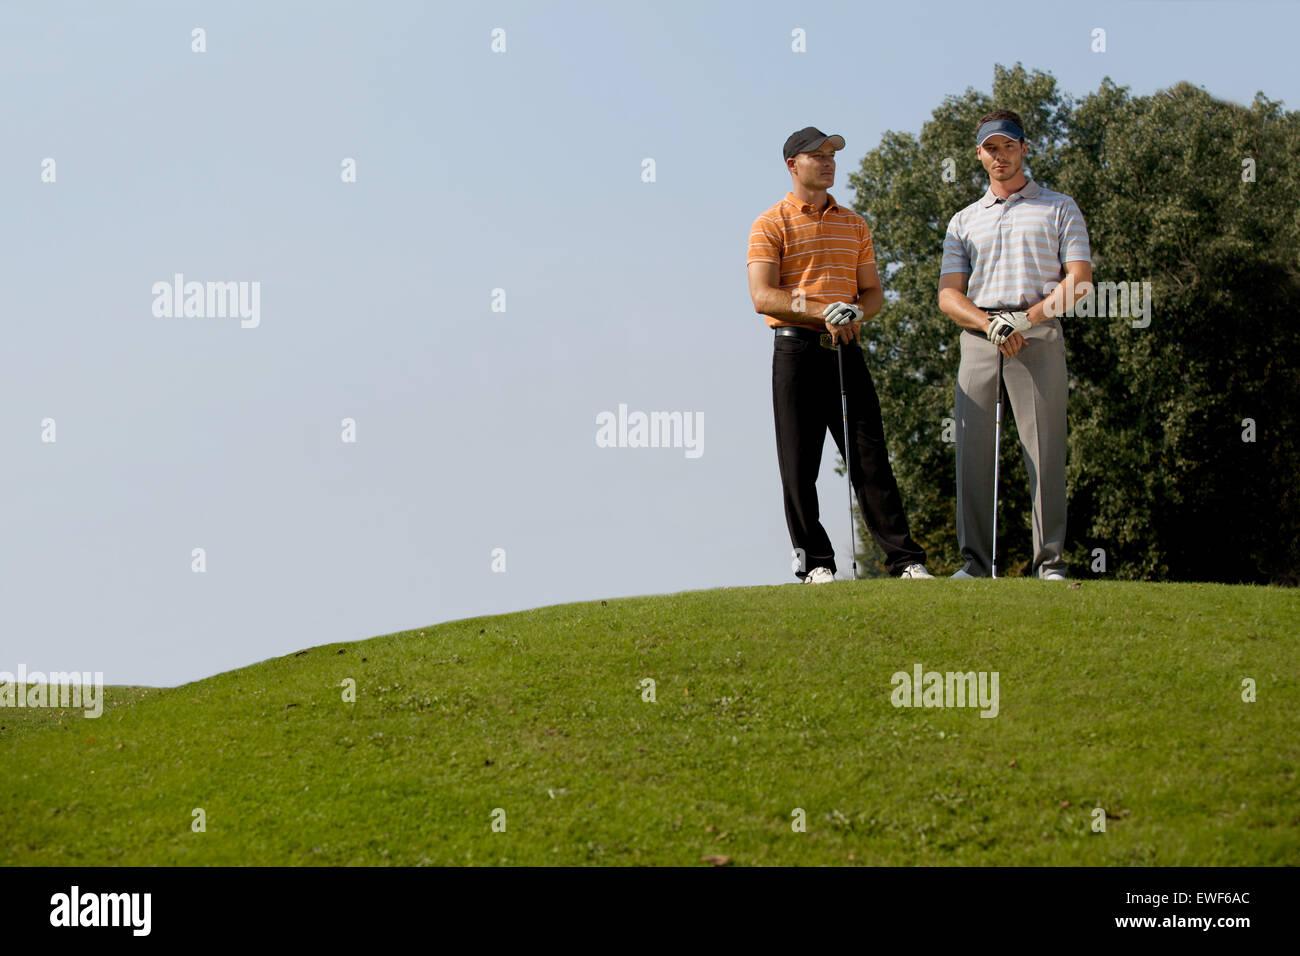 Ritratto di giovani uomini in piedi con bastoni da golf sul campo da golf Immagini Stock